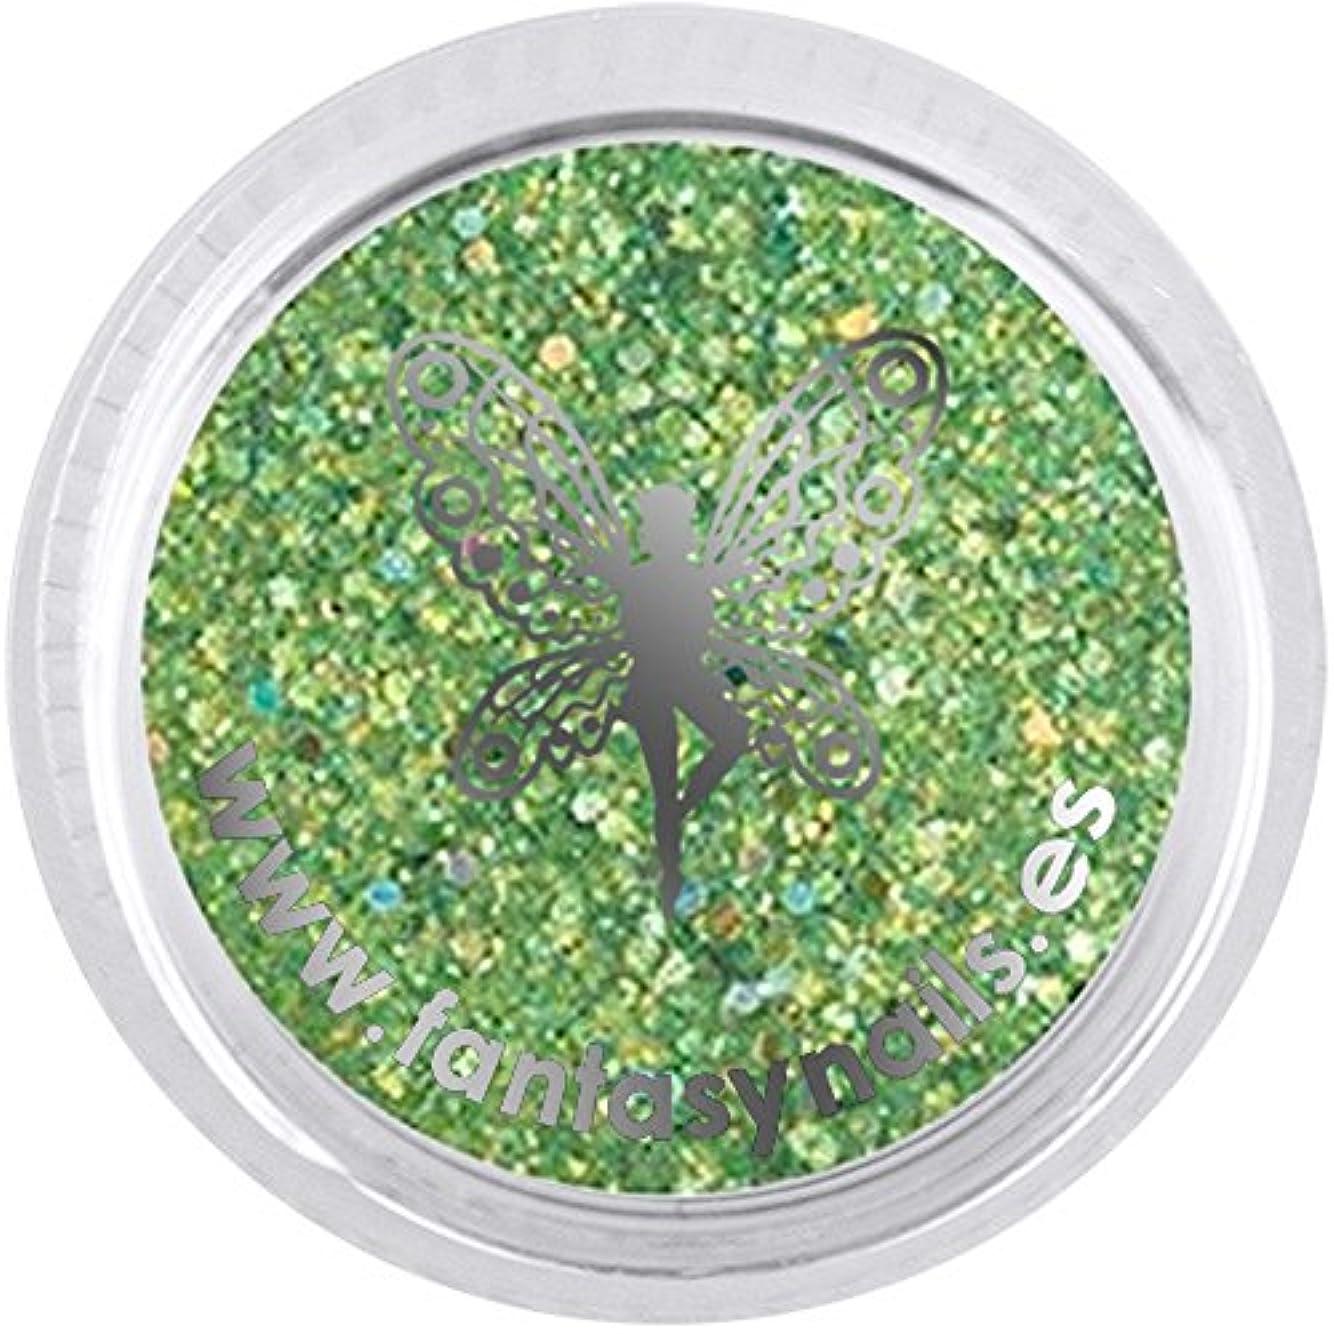 曲線チーム隠すFANTASY NAIL ダイヤモンドコレクション 3g 4265XS カラーパウダー アート材